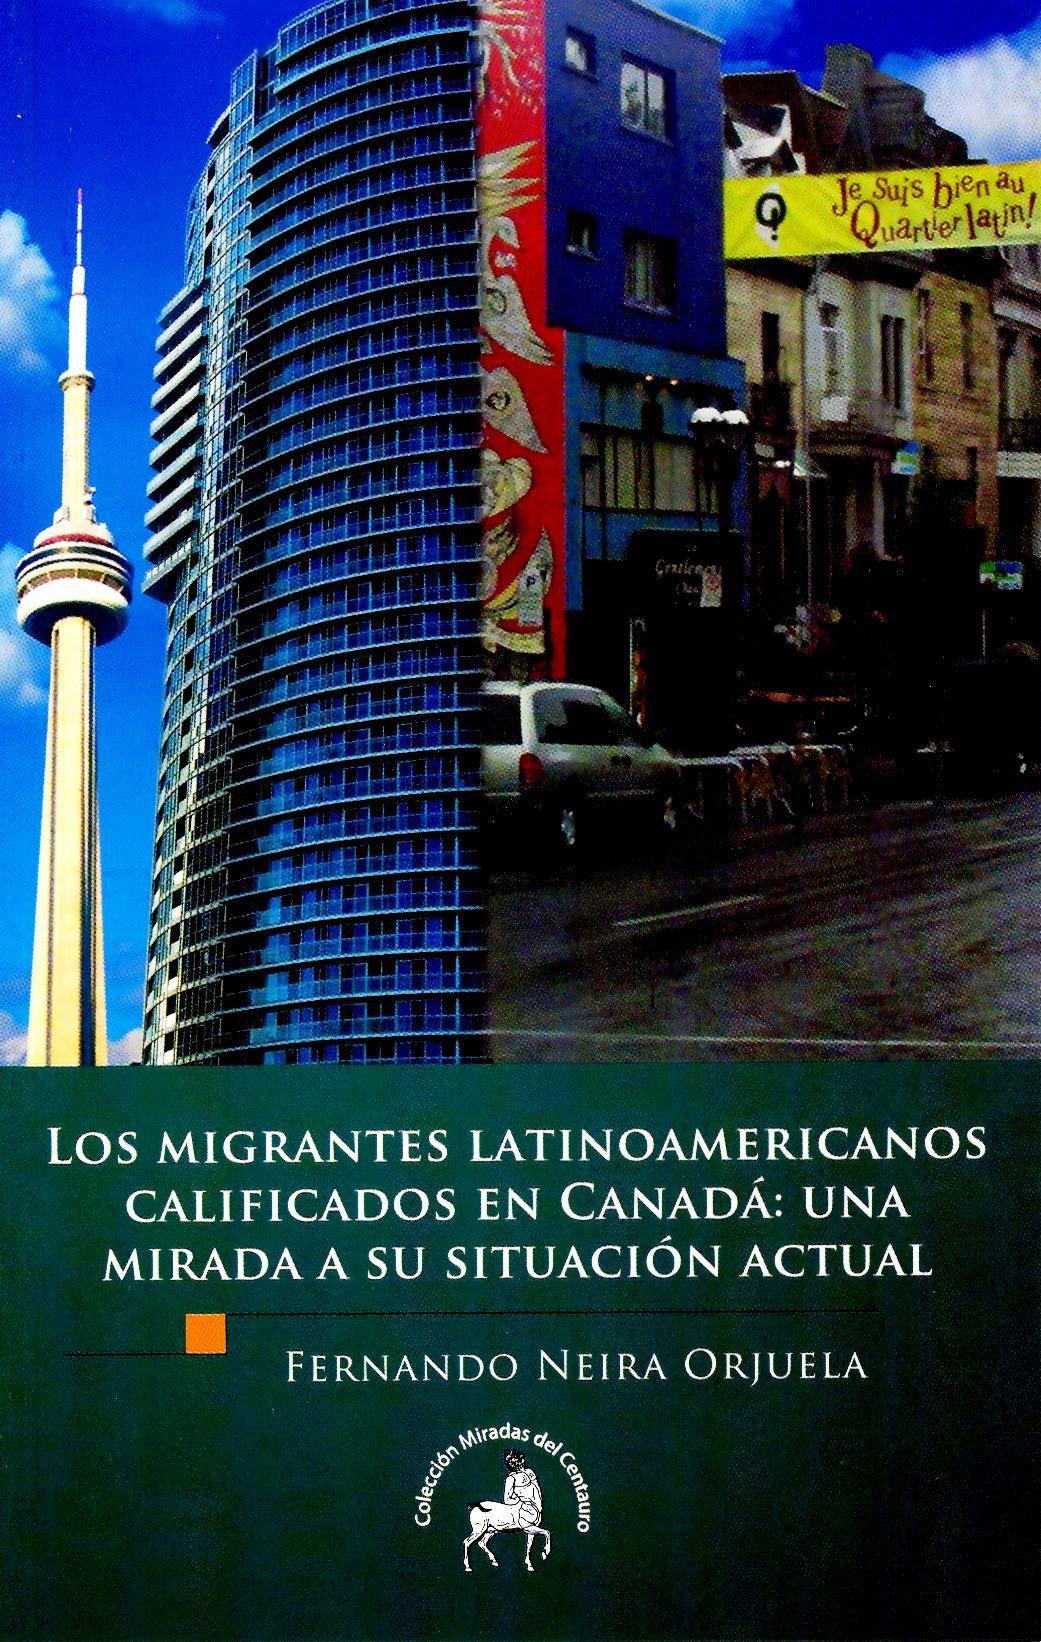 Los migrantes latinoamericanos calificados en Canadá: una mirada a su situación actual